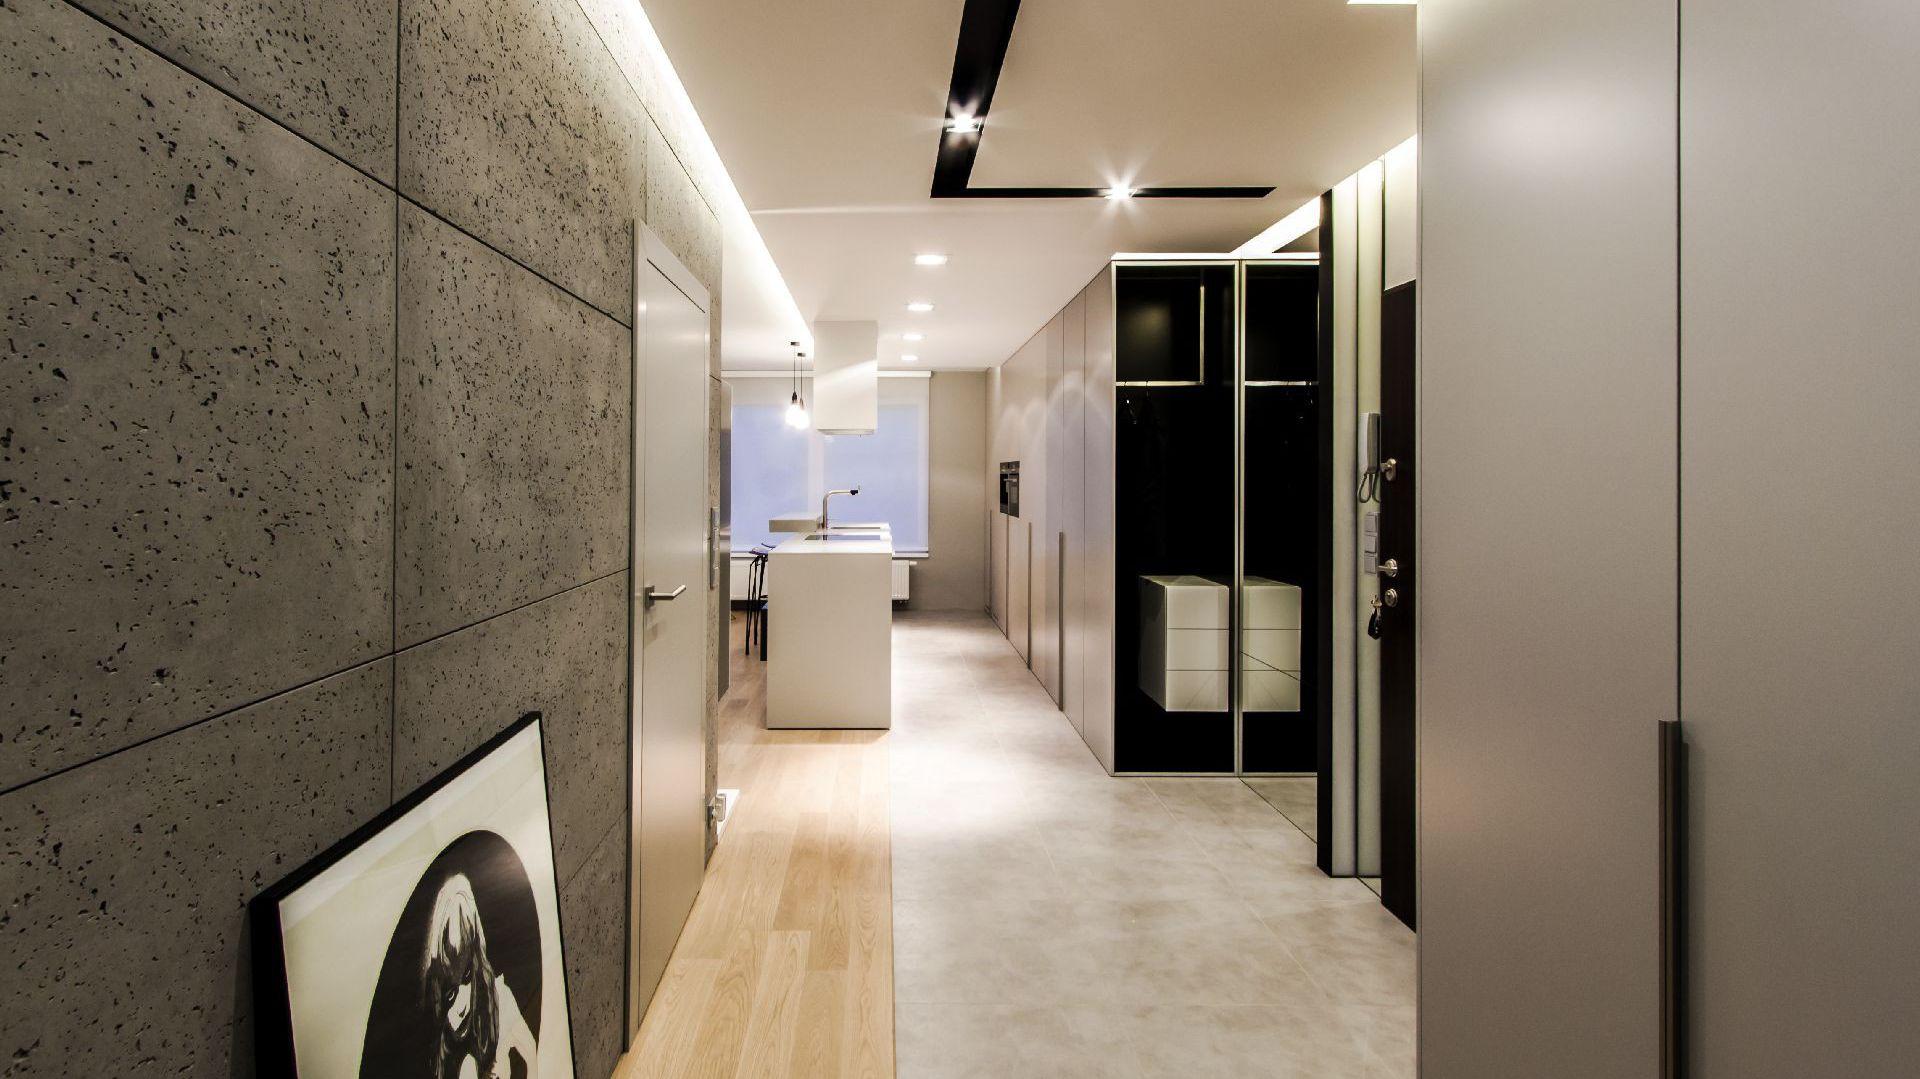 Proj wn trza pracownia beton architektoniczny na - Beton architektoniczny ...